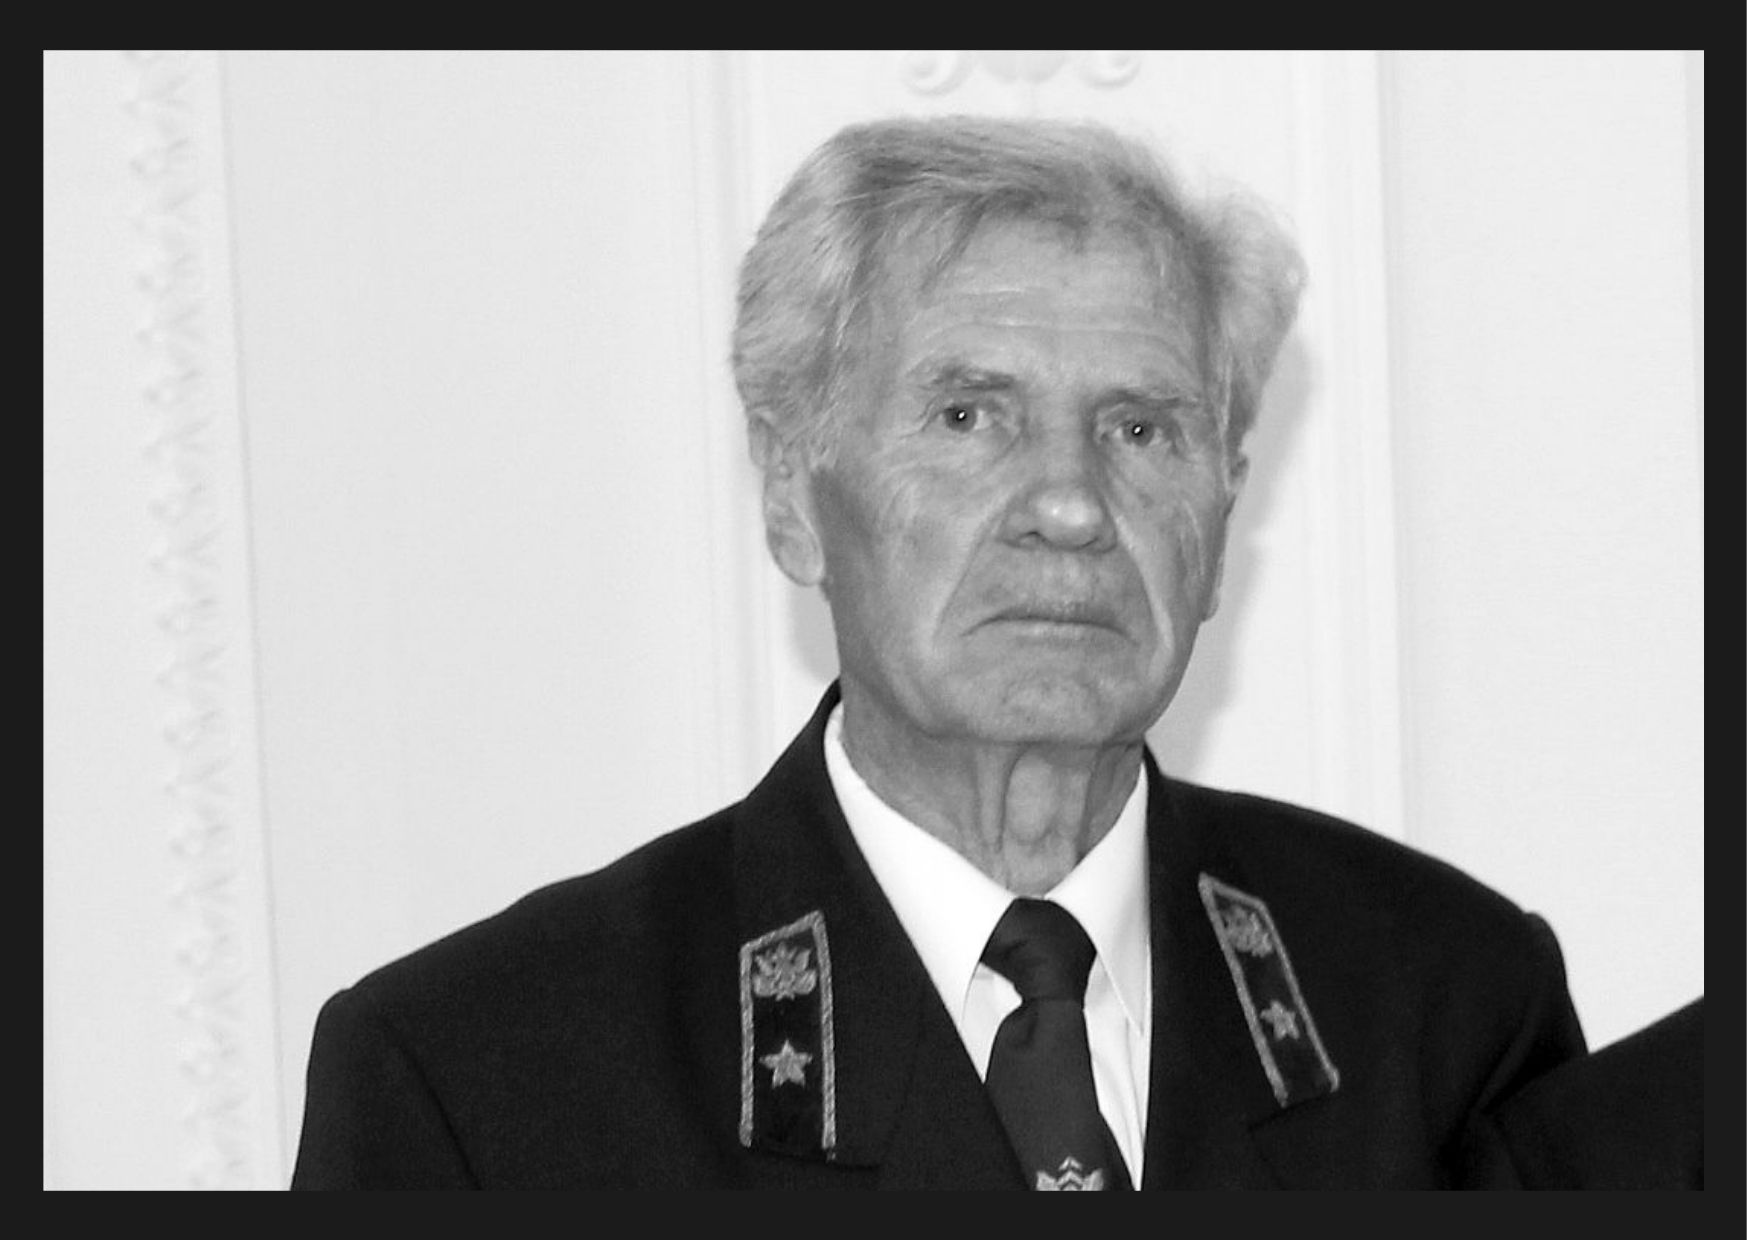 Скончался бывший главный лесничий РћРјСЃРєРѕР№ области #Омск #Общество #Сегодня